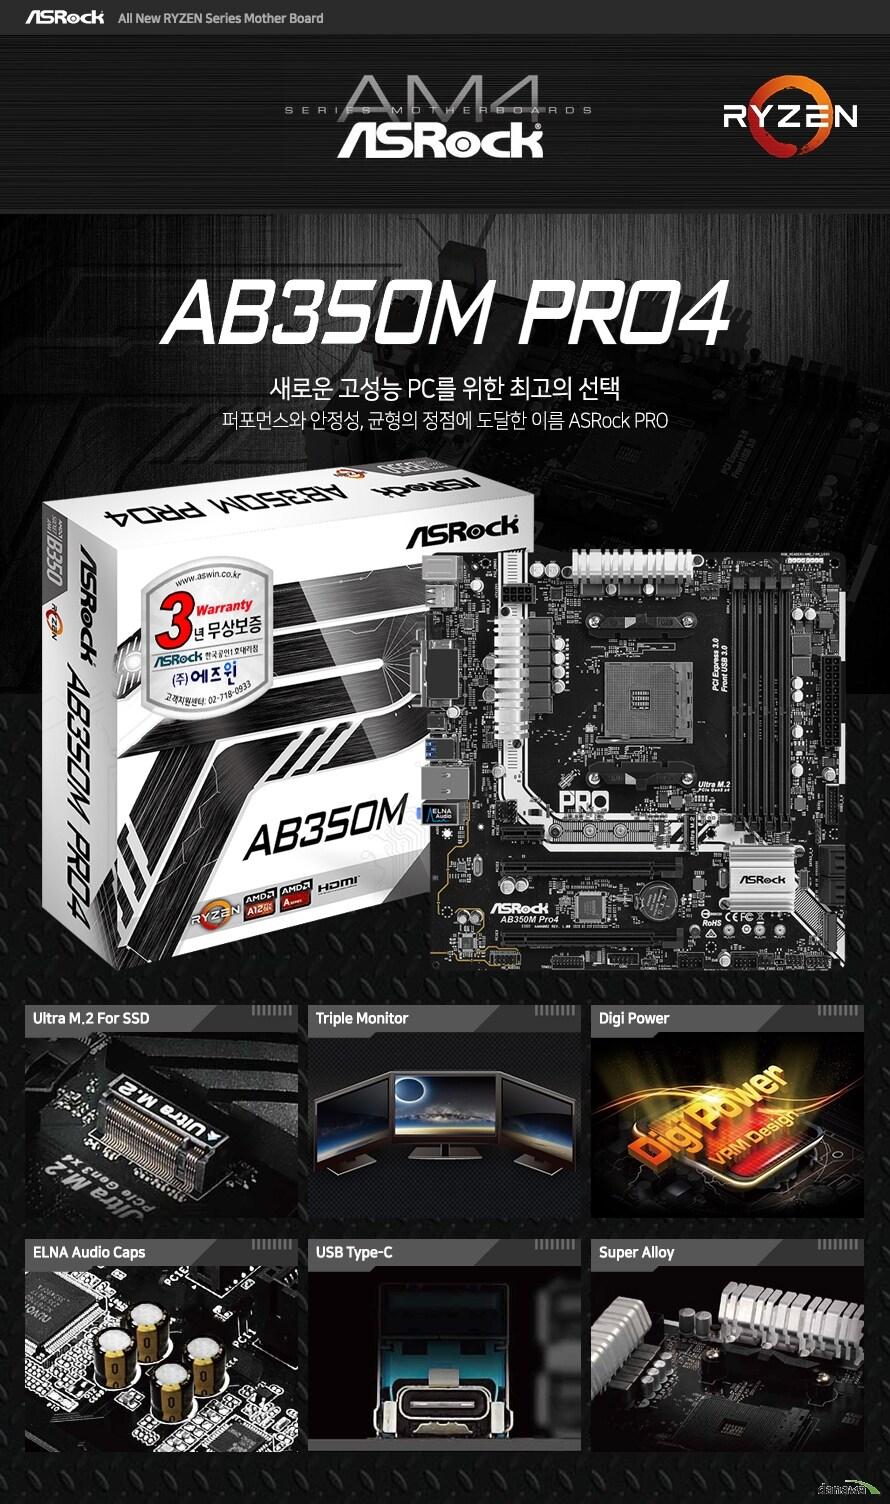 새로운 고성능 PC를 위한 최고의 선택 퍼포먼스와 안정성, 균형의 정점에 도달한 이름 ASRock PRO